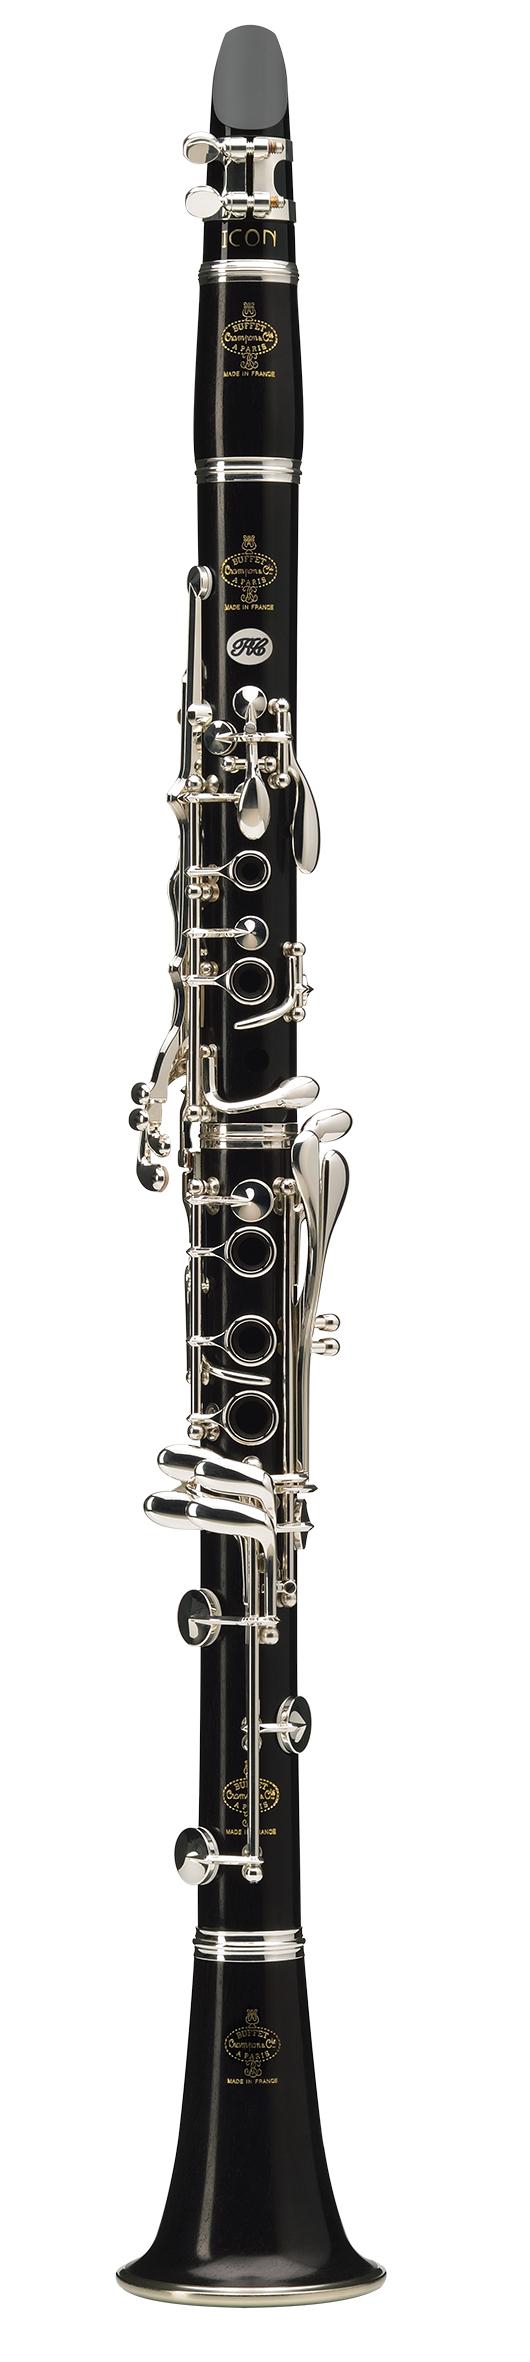 Buffet - BC - 1114 - 2 - 0 - RC - Holzblasinstrumente - Klarinetten | MUSIK BERTRAM Deutschland Freiburg